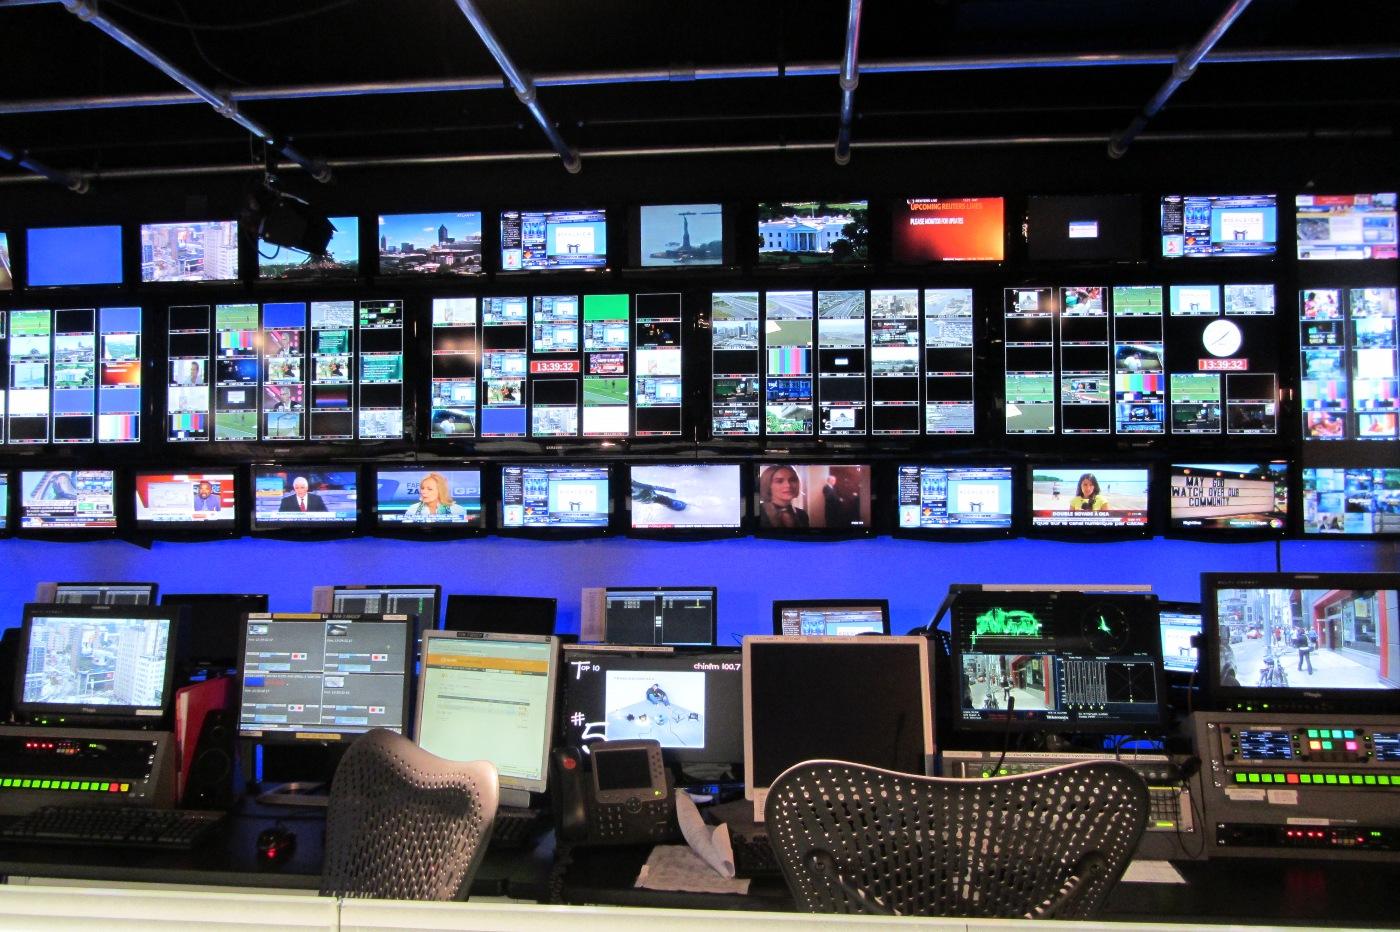 city-tv-control-room-doors-open-toronto-2012